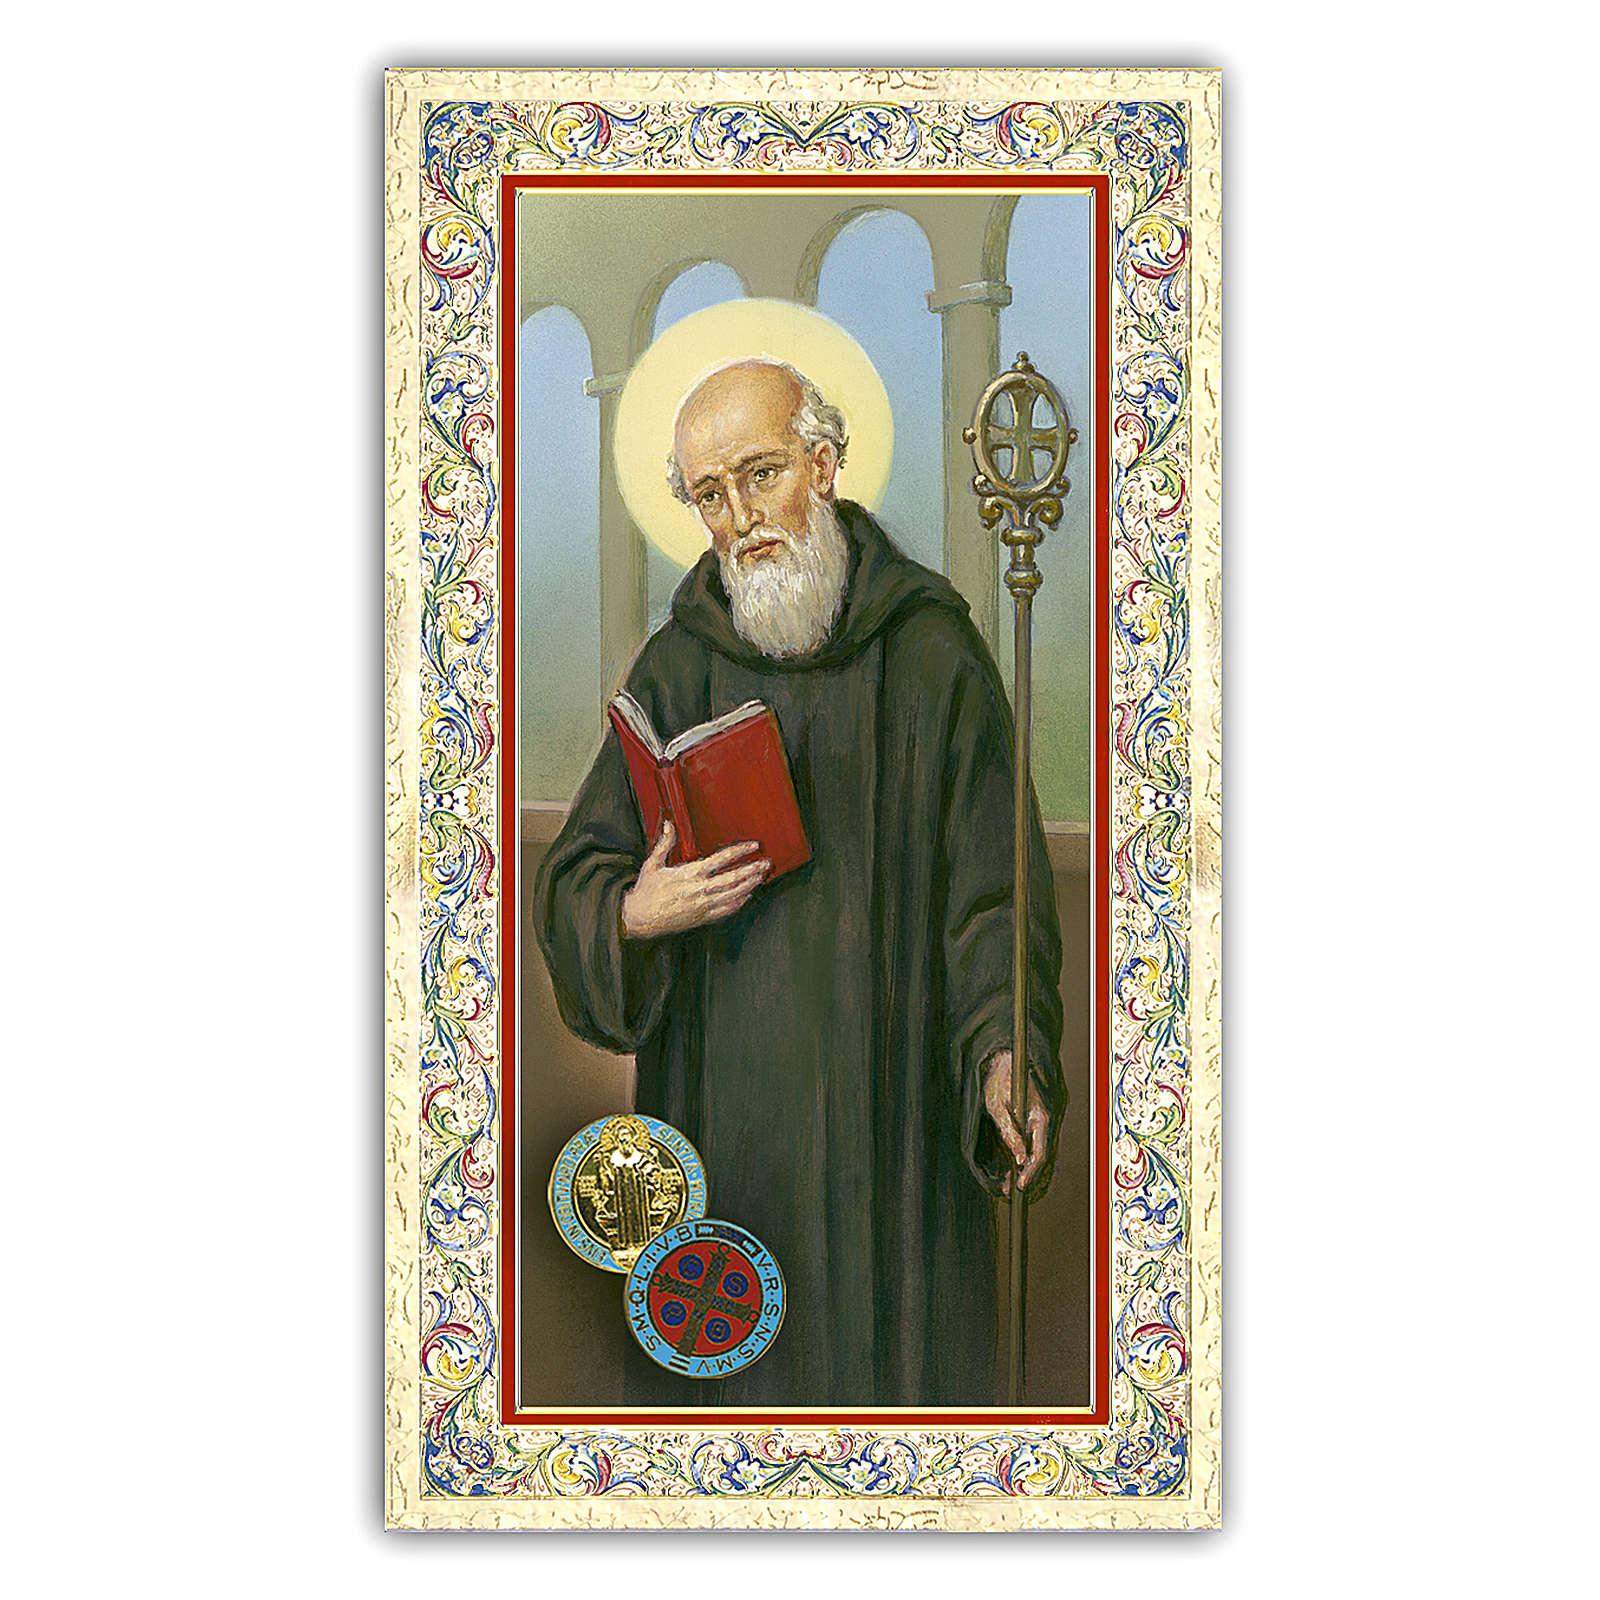 Obrazek Święty Benedykt 10x5 cm 4